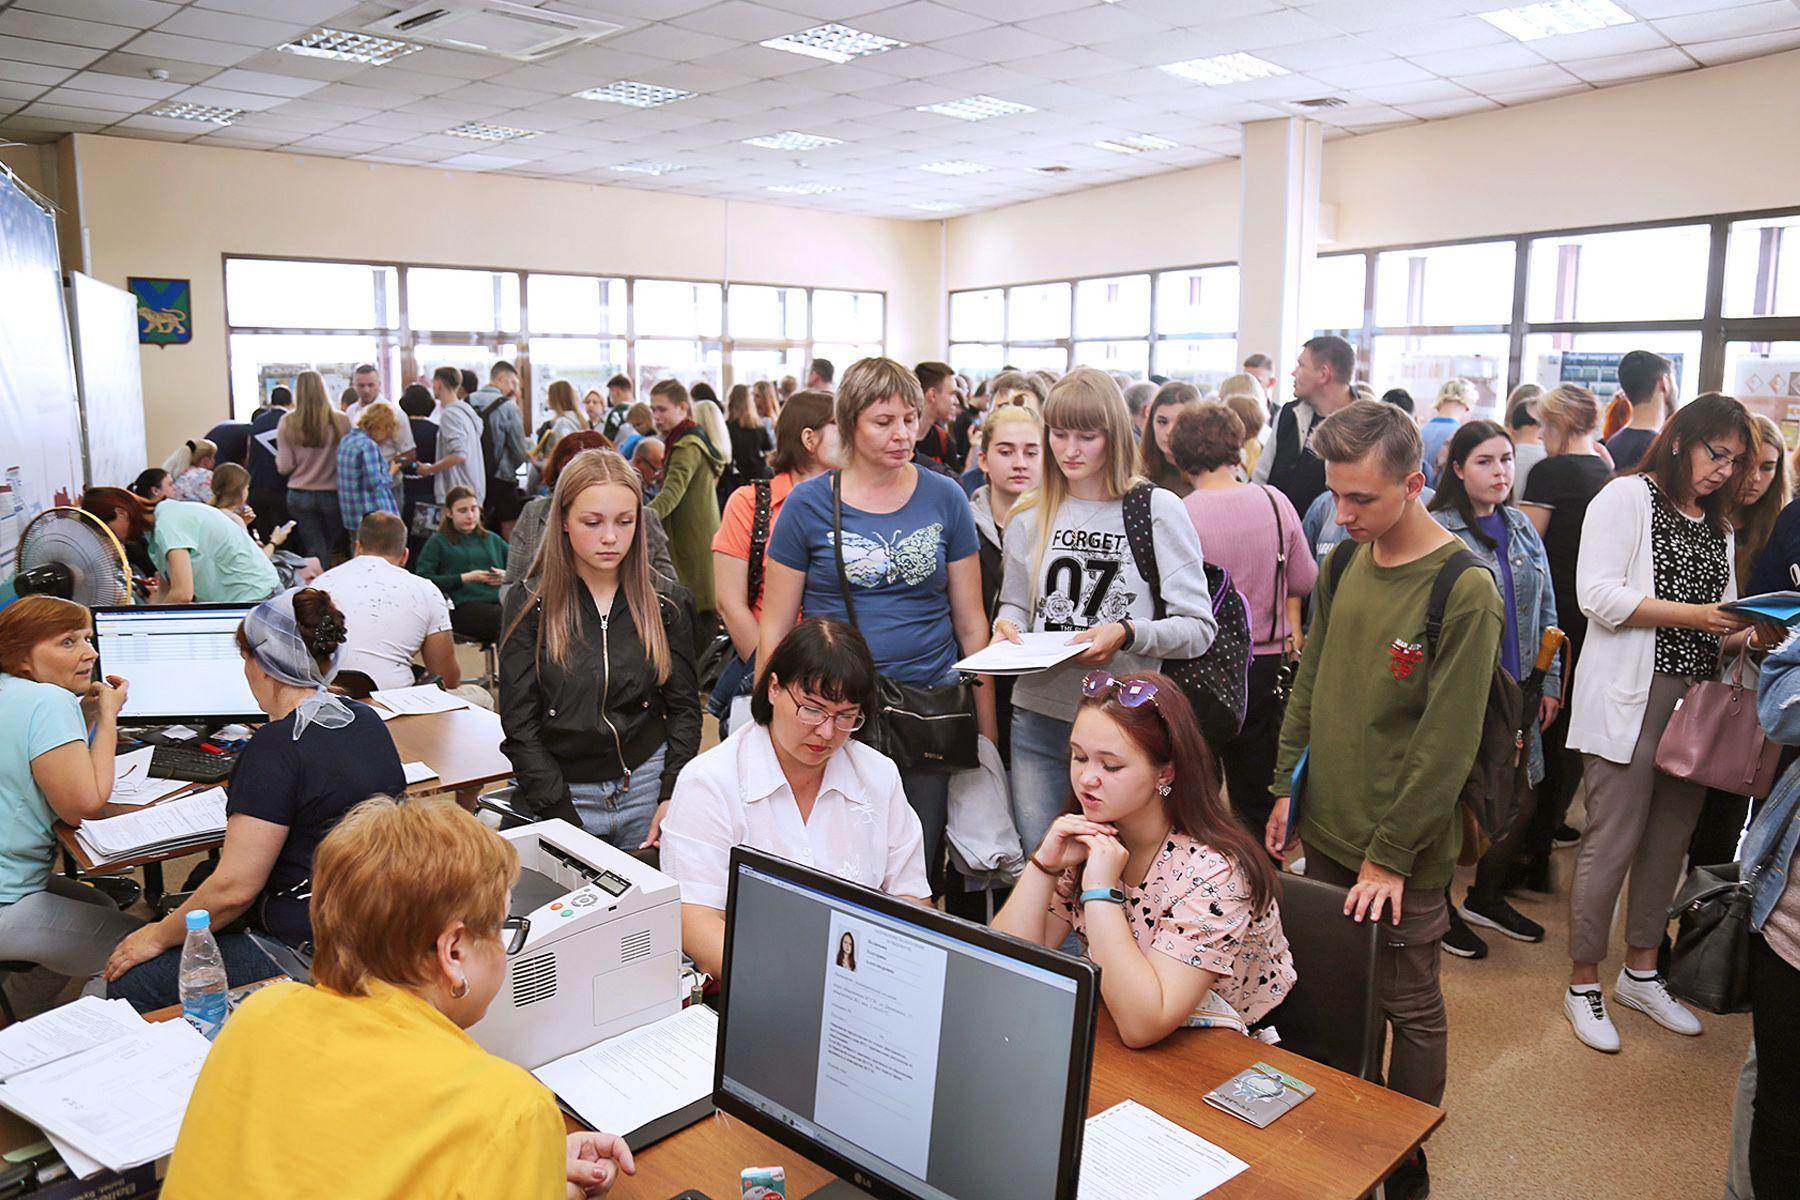 Министр науки и высшего образования РФ Валерий Фальков объявил о переносе сроков вступительных экзаменов в российские вузы